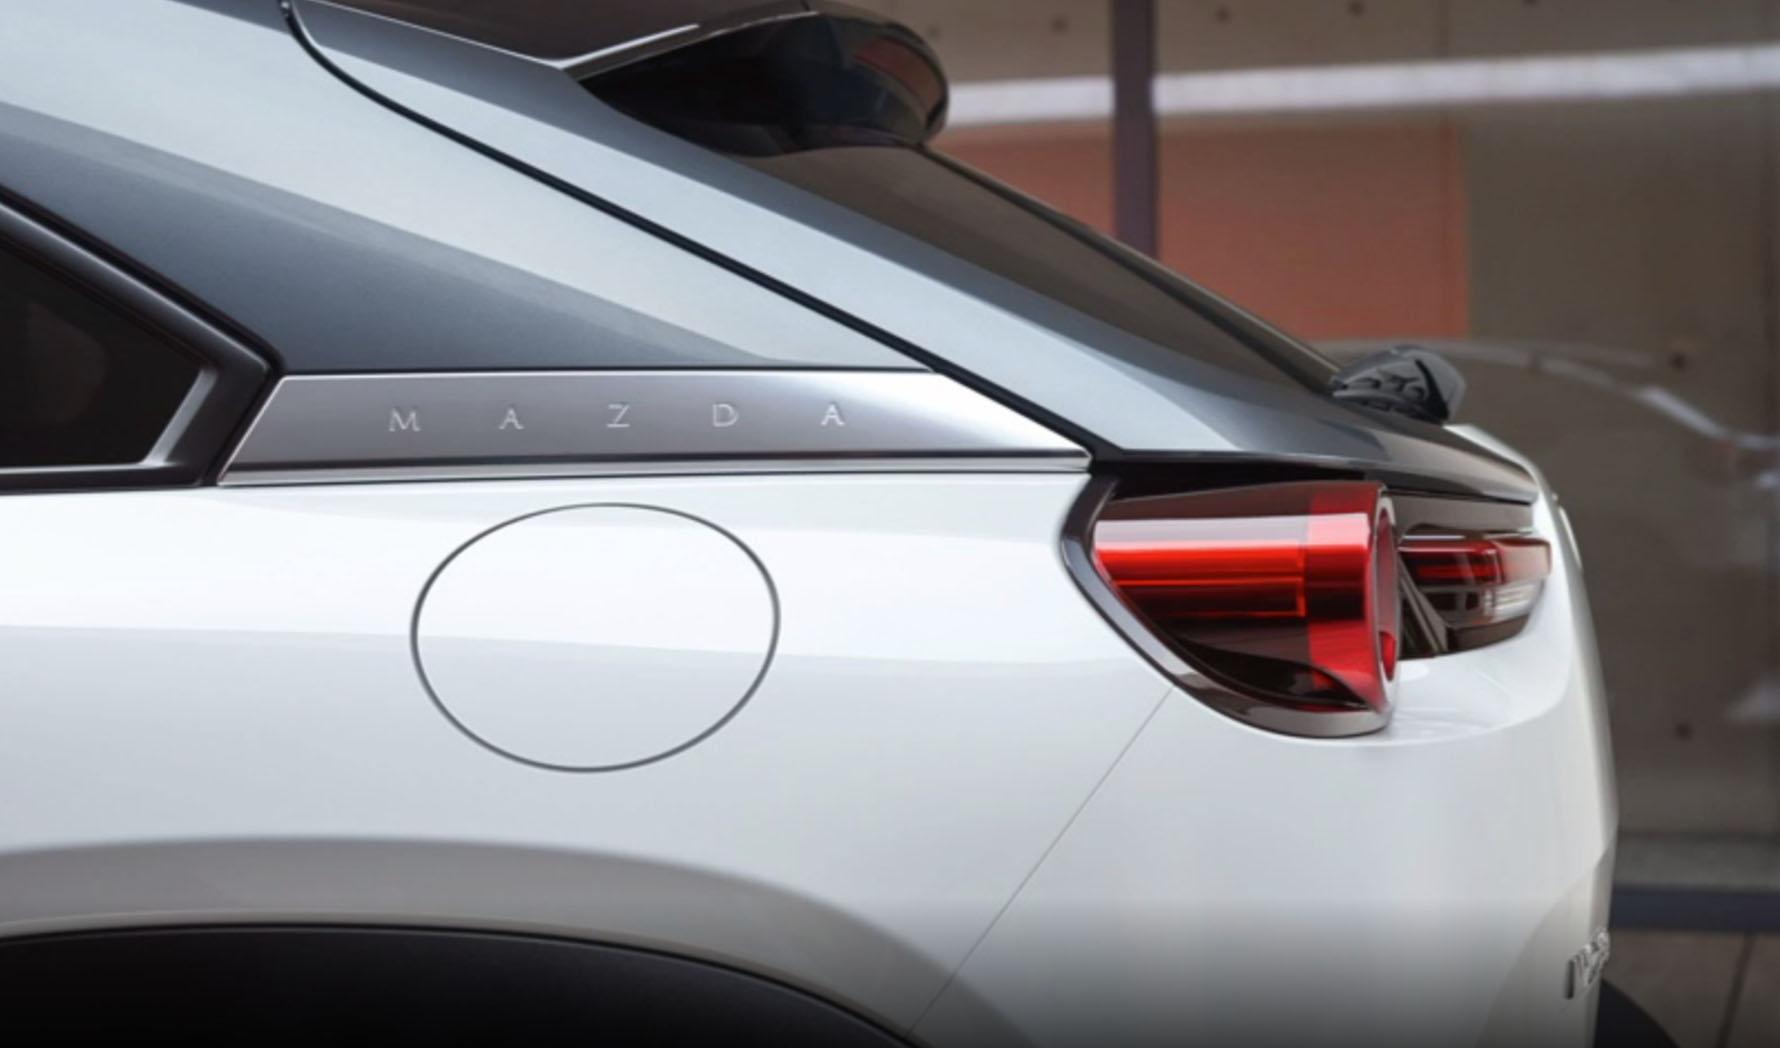 Mazda-MX-30-3ToneColourScheme